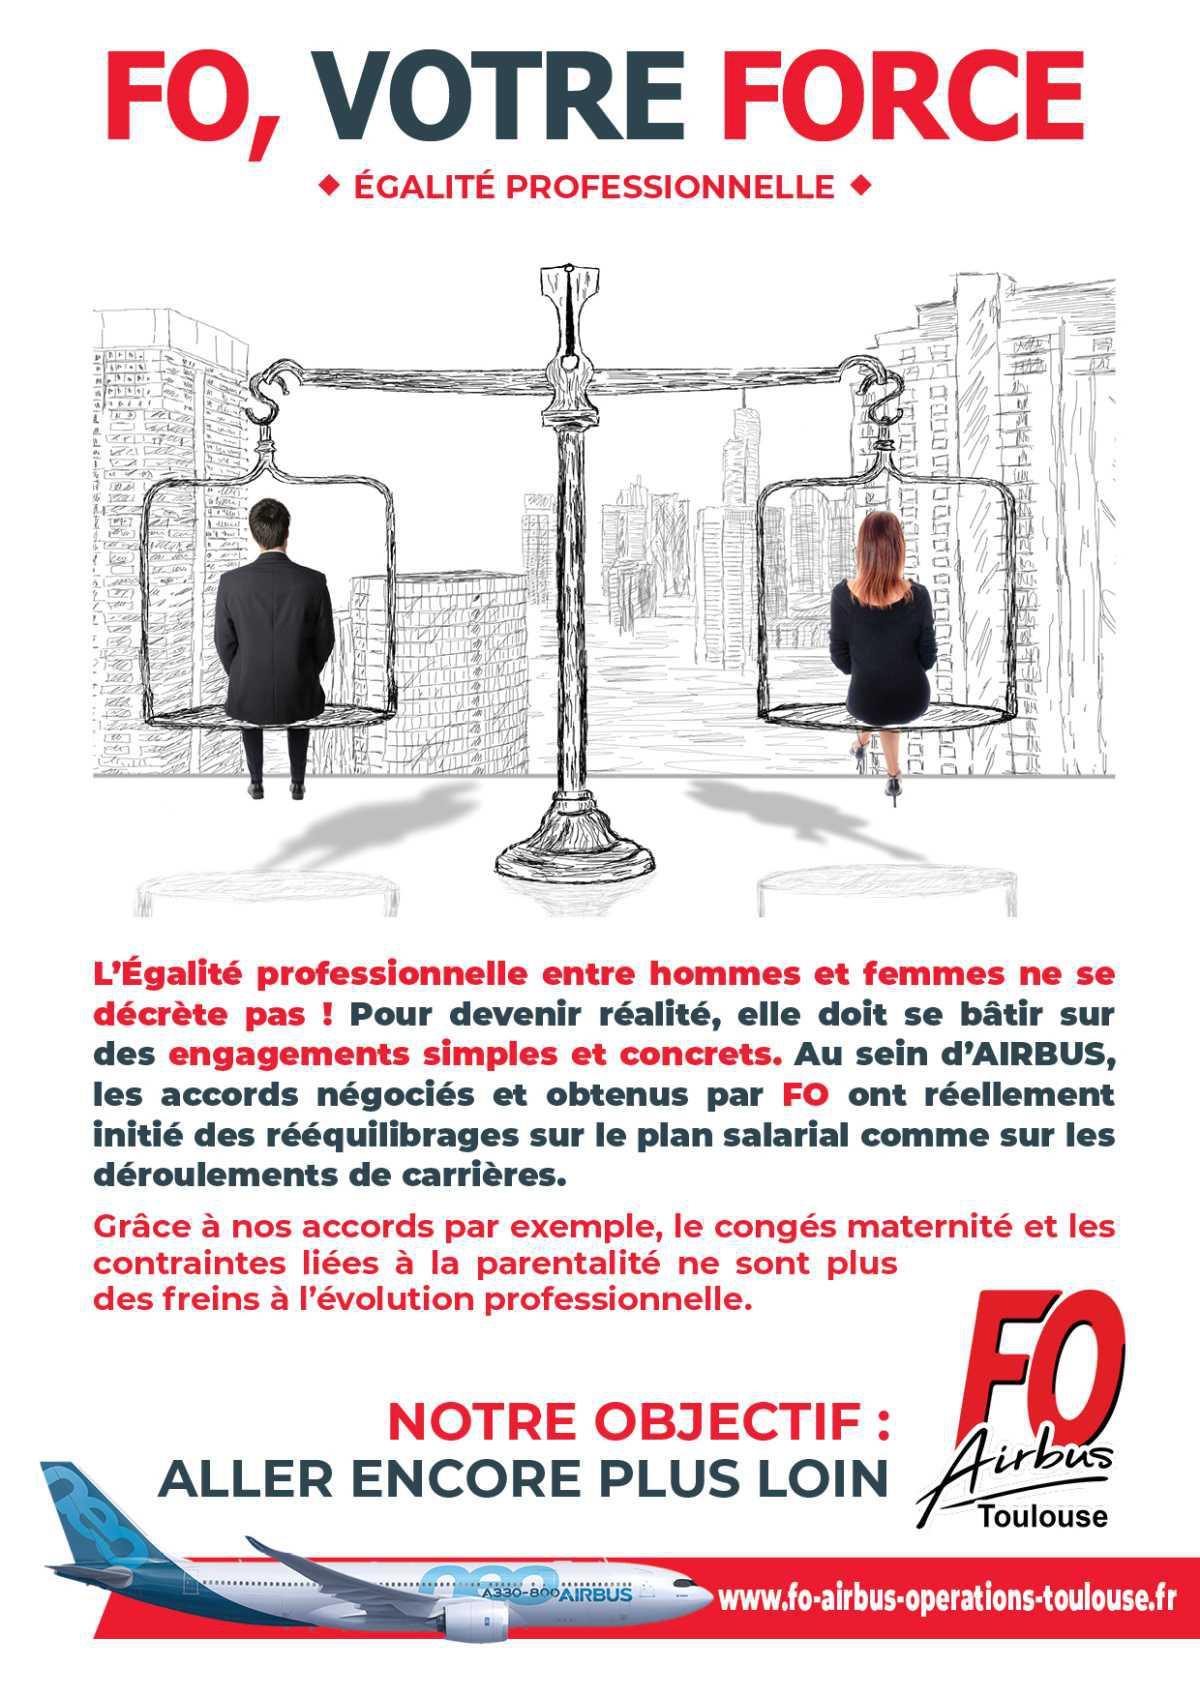 Egalité professionnelle, notre objectif, aller plus loin !